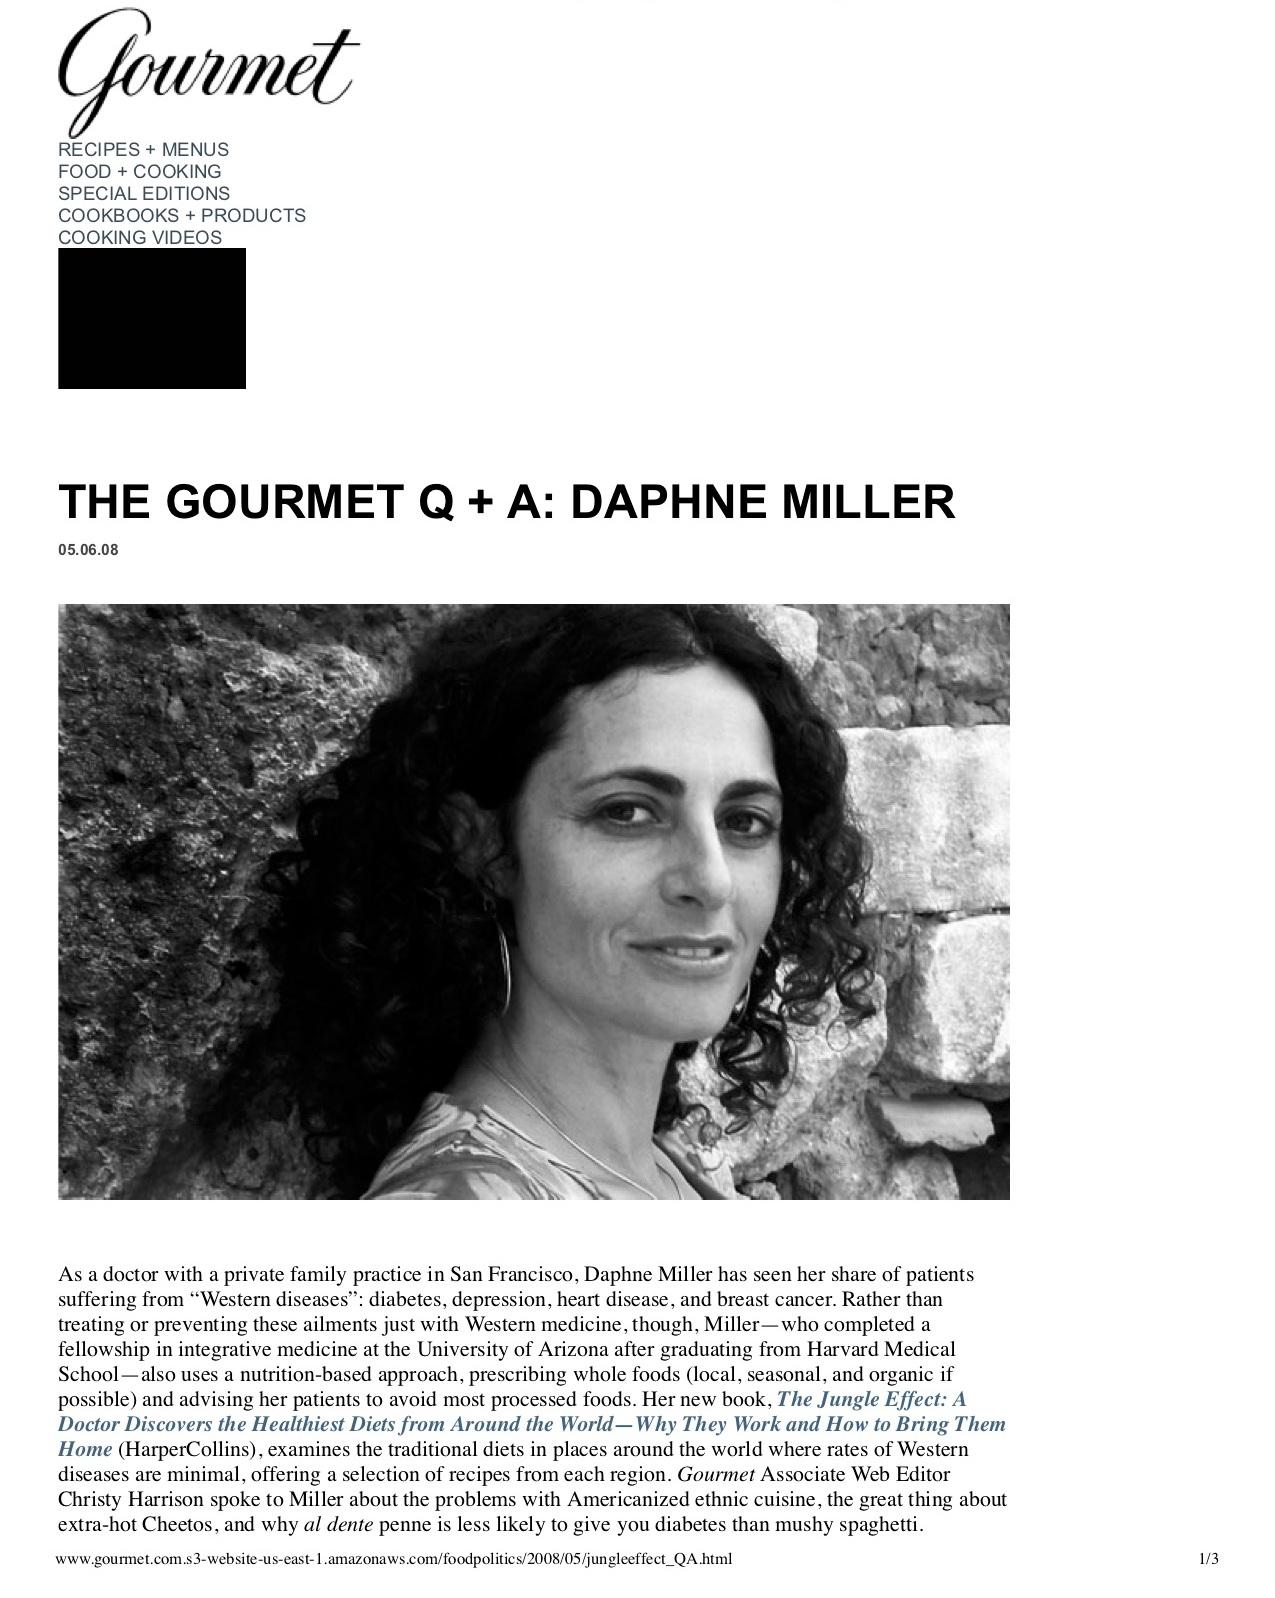 The+Gourmet+Q+%2B+A-+Daphne+Miller-+Food+Politics+-+gourmet.com.jpg